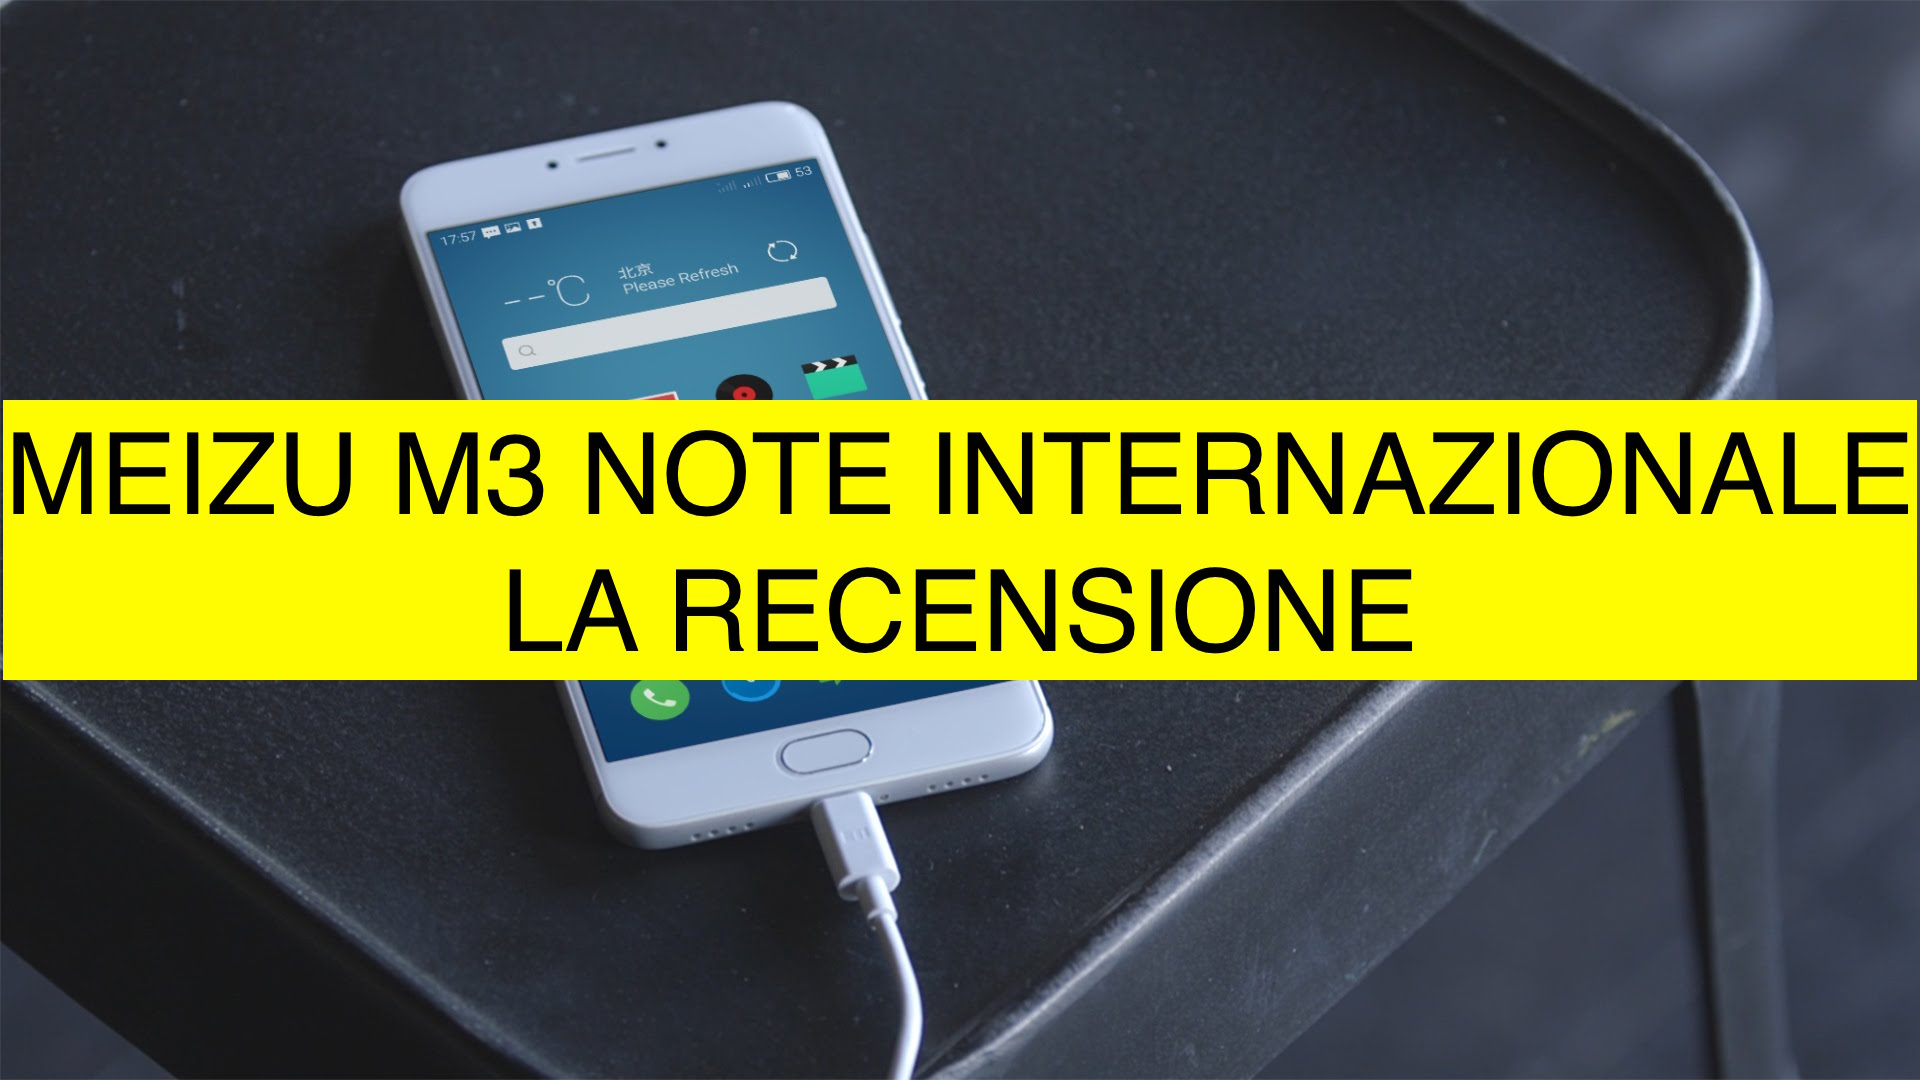 Recensione Meizu M3 Note con ROM Internazionale